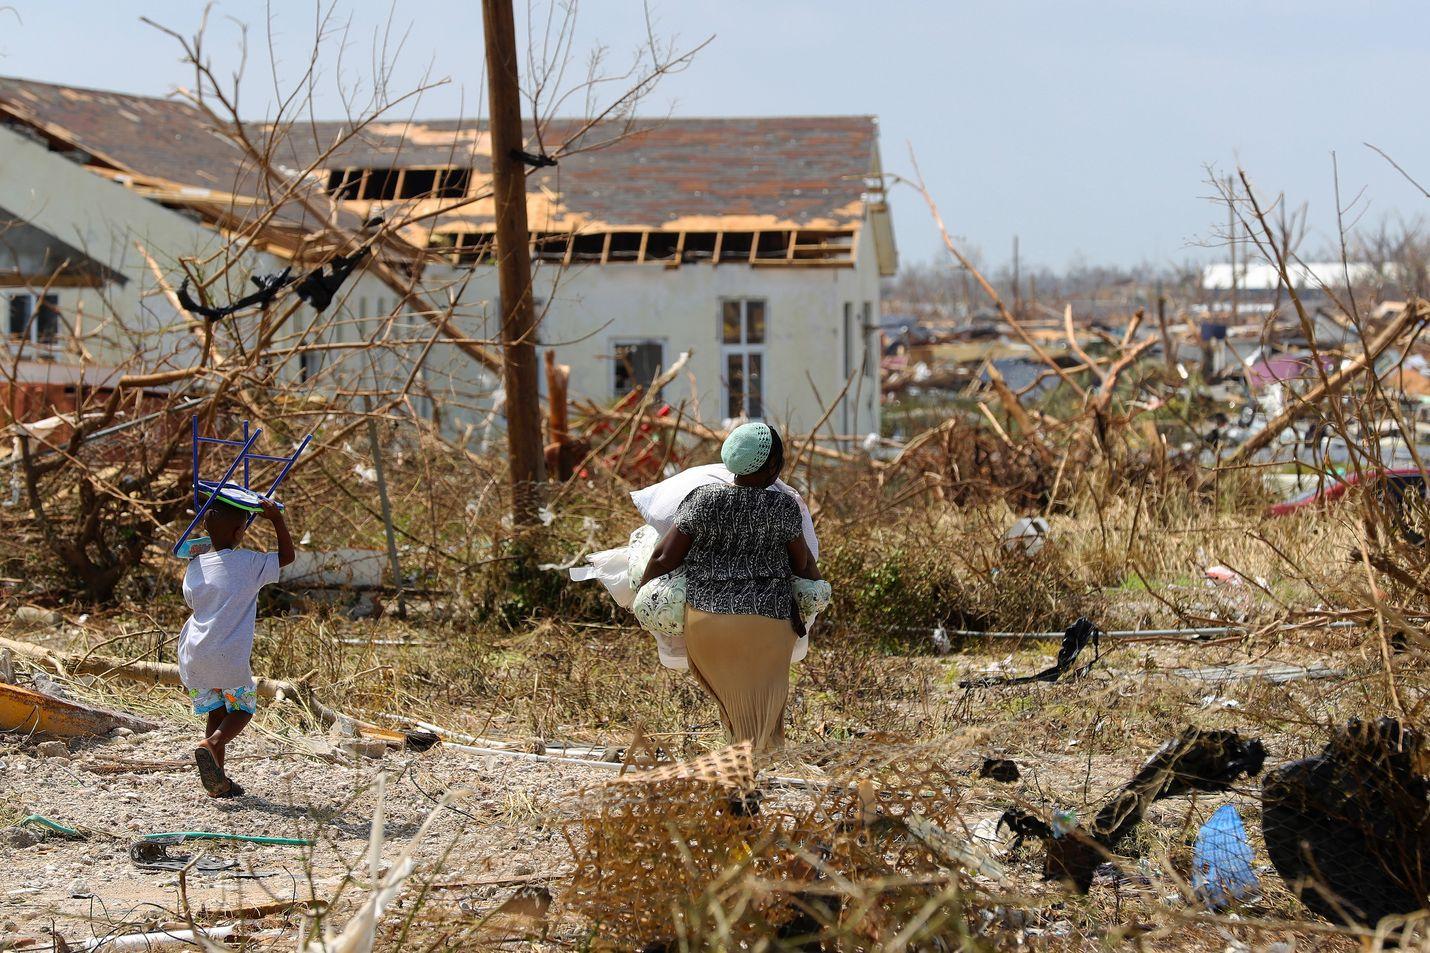 Humbertoksi nimetyn trooppisen myrskyn ennustetaan iskevän Bahama-saarten koillisosiin, osittain samoille alueille, missä syyskuun alussa raivosi Dorianiksi nimetty hurrikaani. Sen jälkiä vasta raivataan.